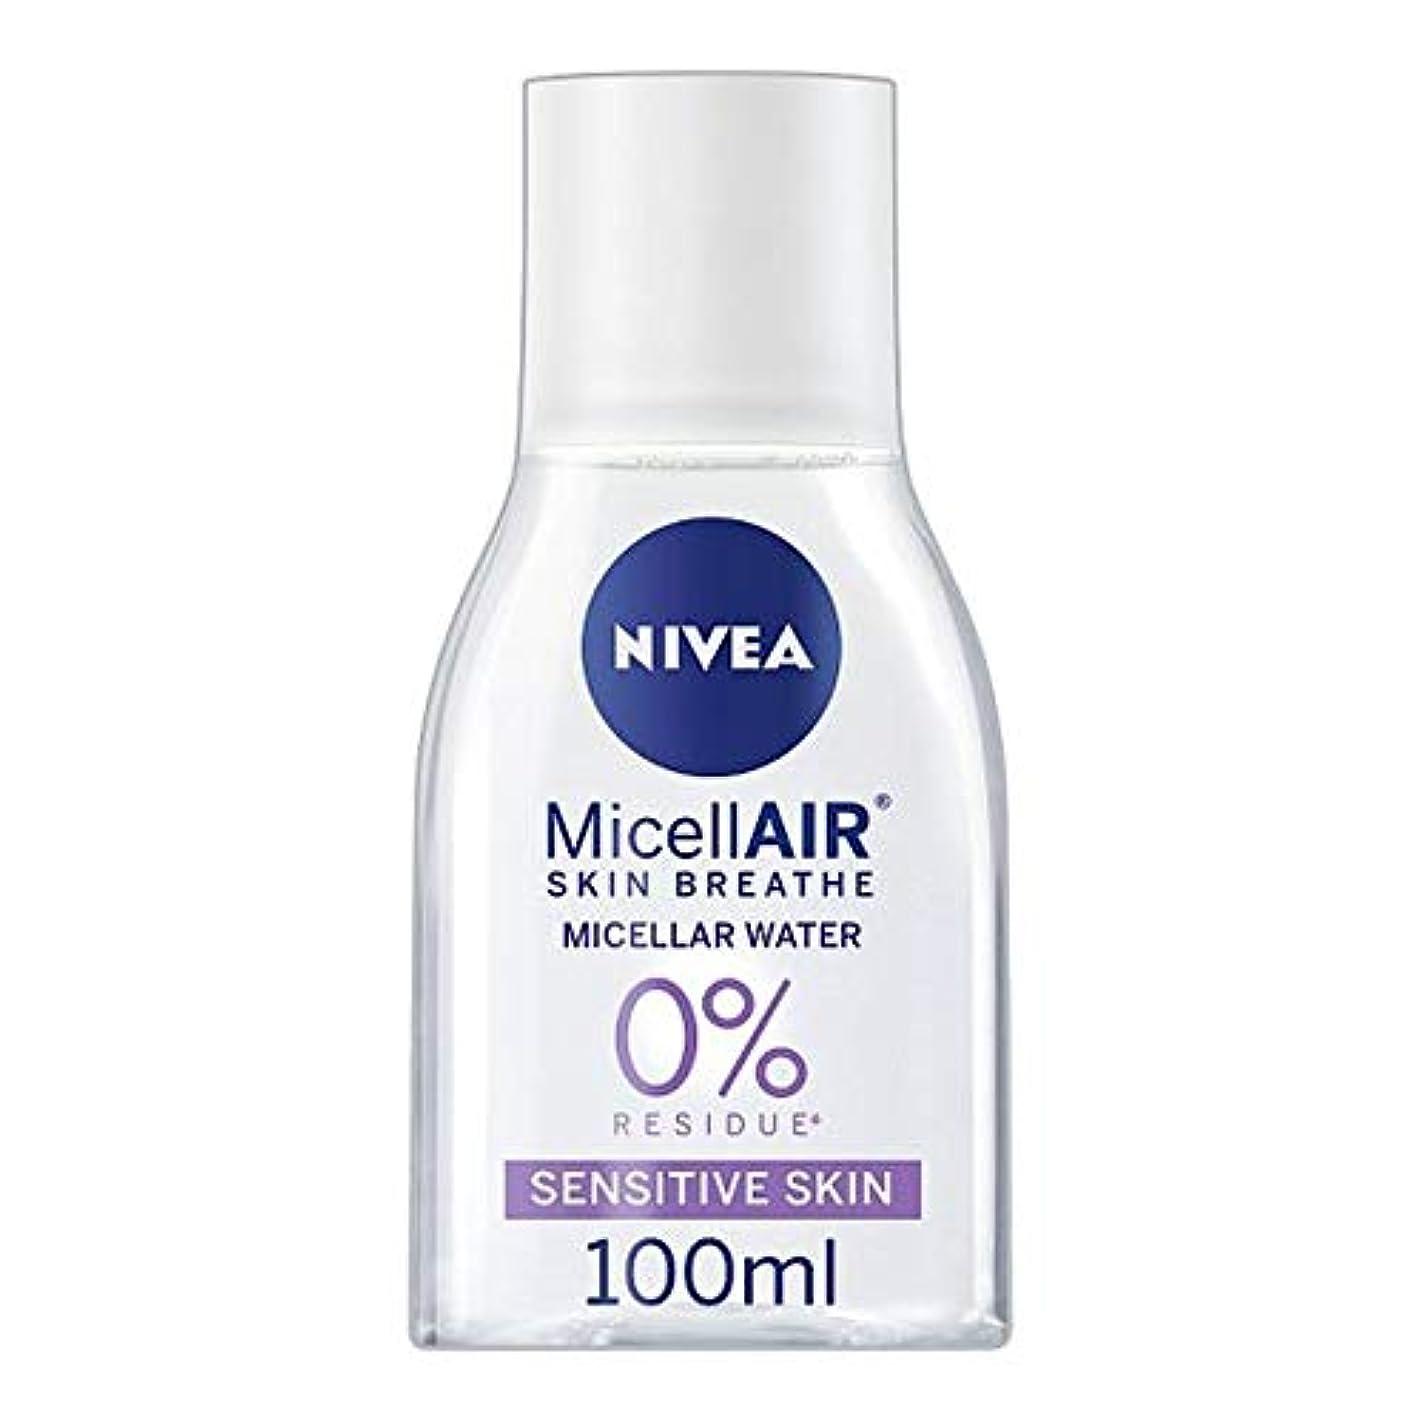 マダム獣マーチャンダイジング[Nivea] ニベアMicellair水敏感肌用100ミリリットル - Nivea Micellair Water Sensitive Skin 100Ml [並行輸入品]